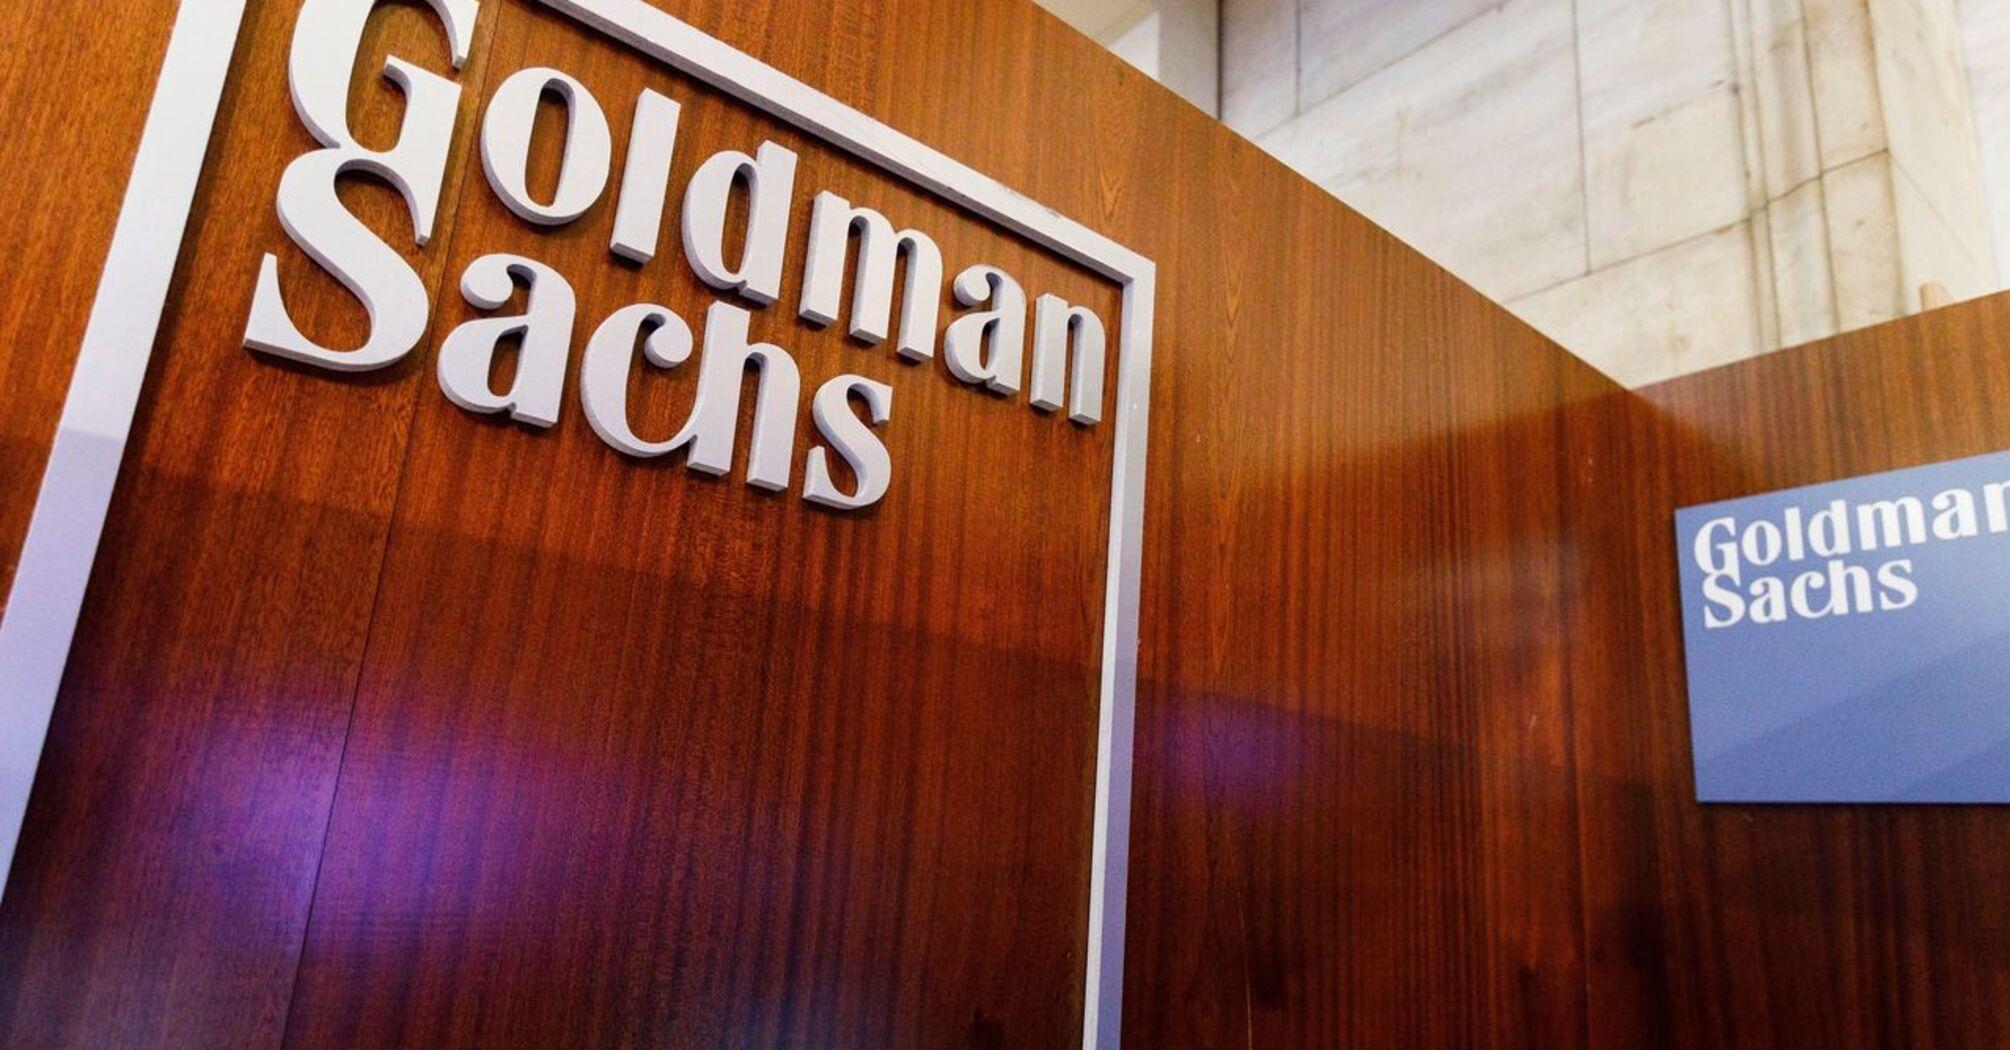 Goldman Sachs предложил клиентам беспоставочные форварды на Bitcoin